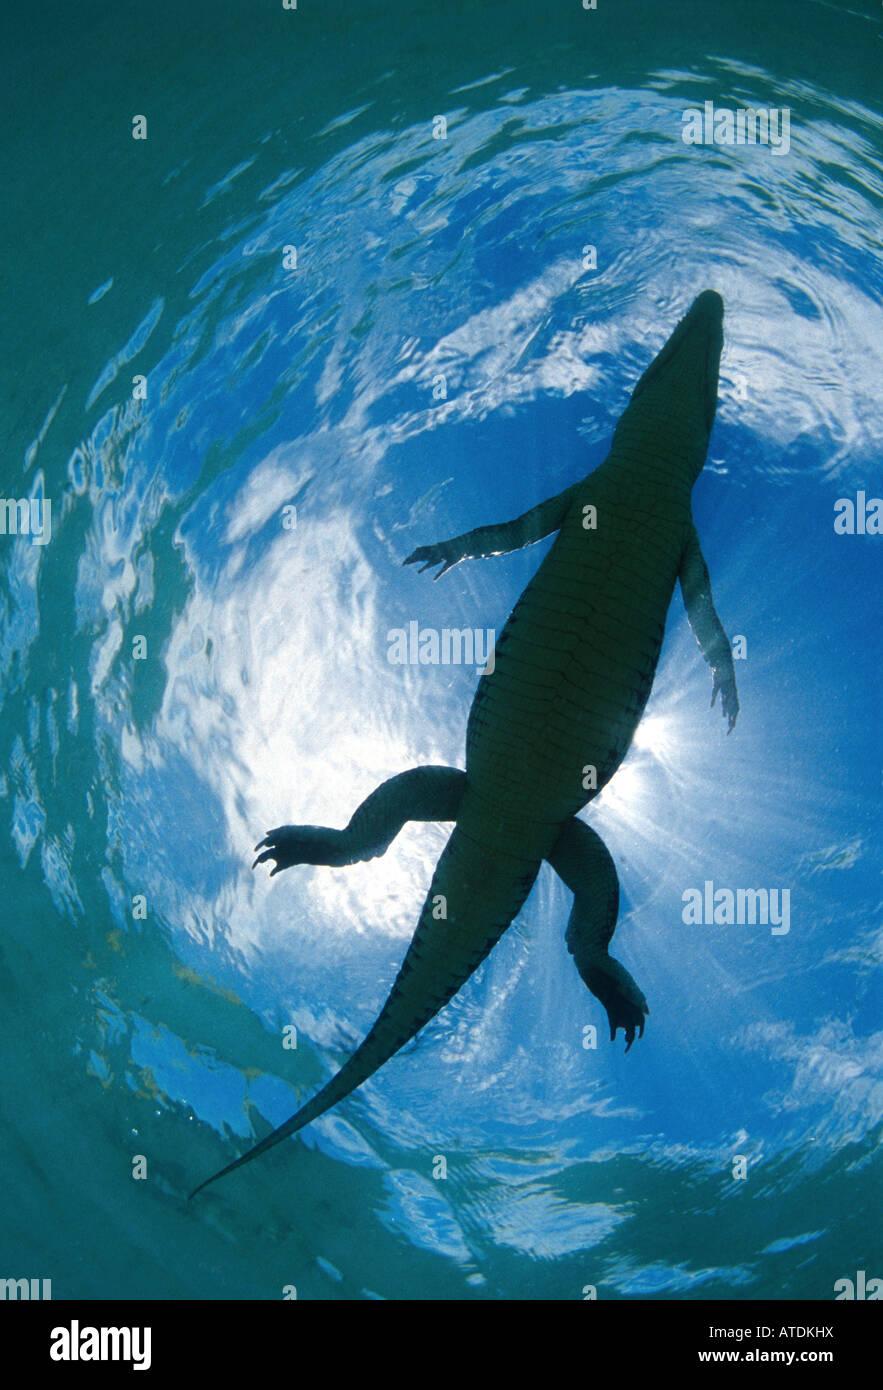 Coccodrillo di acqua salata Crocodylus porosus Bismarc Mare Papua Nuova Guinea Immagini Stock